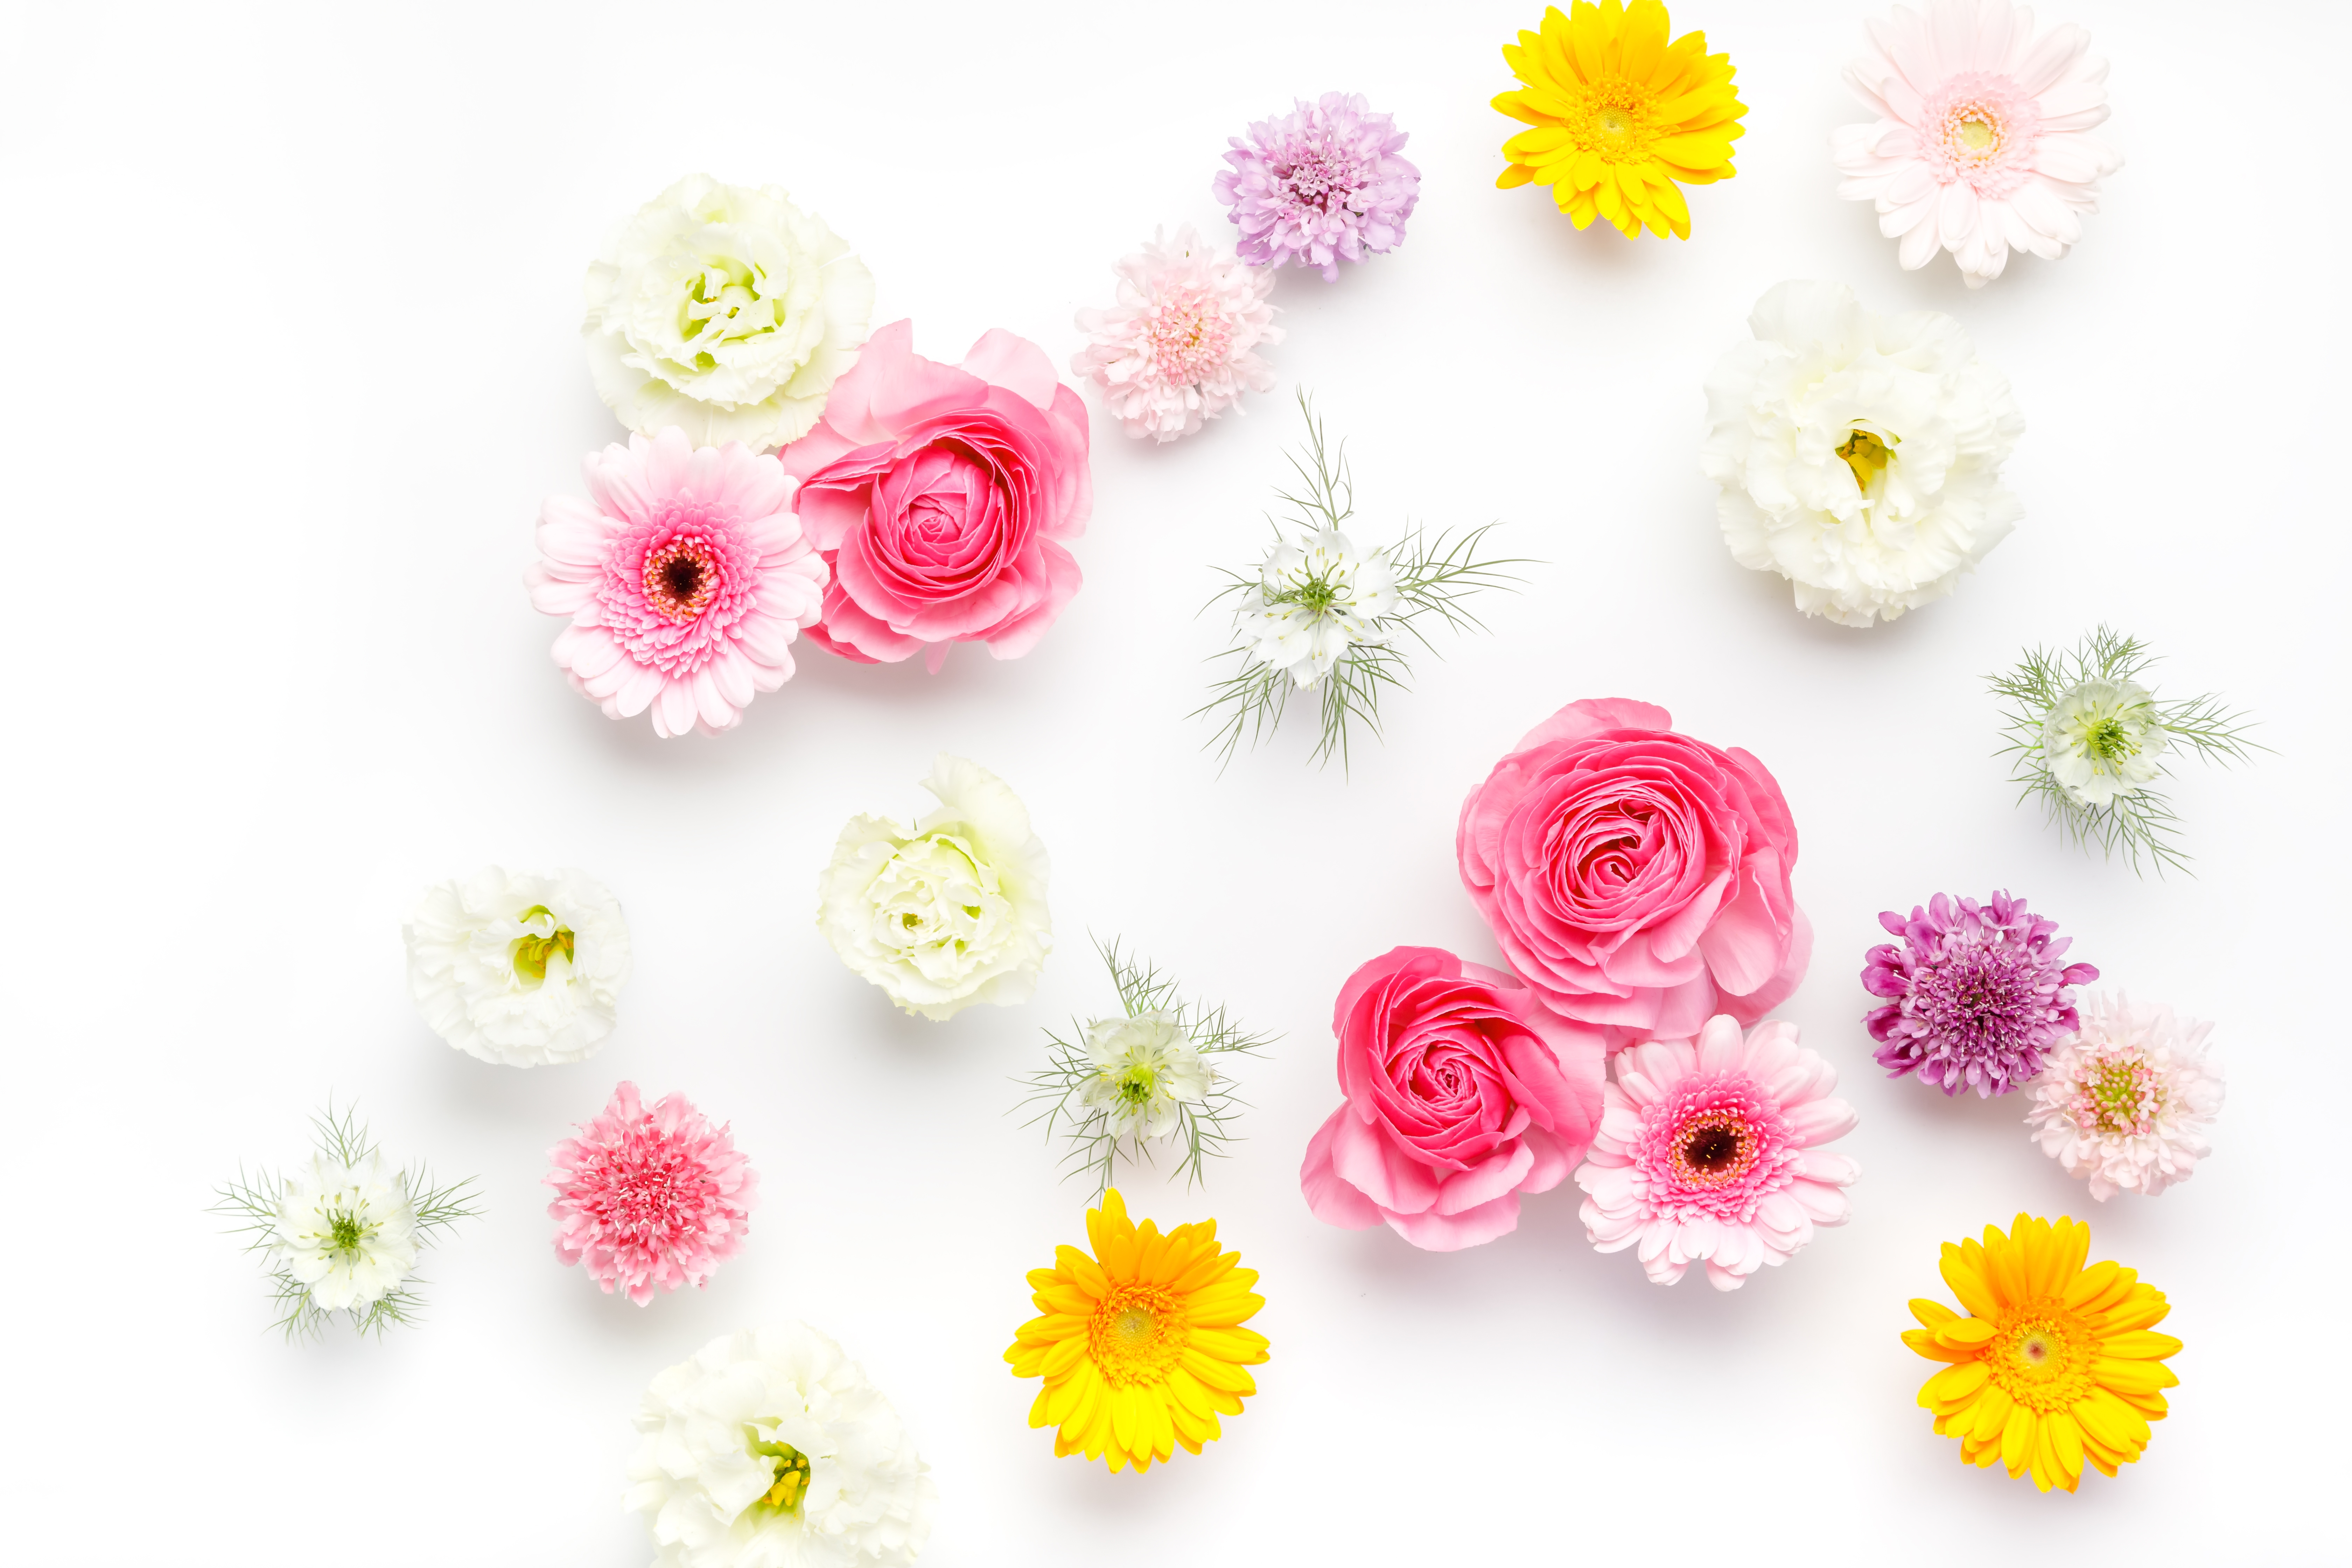 花いっぱい 無料の写真素材はフリー素材のぱくたそ